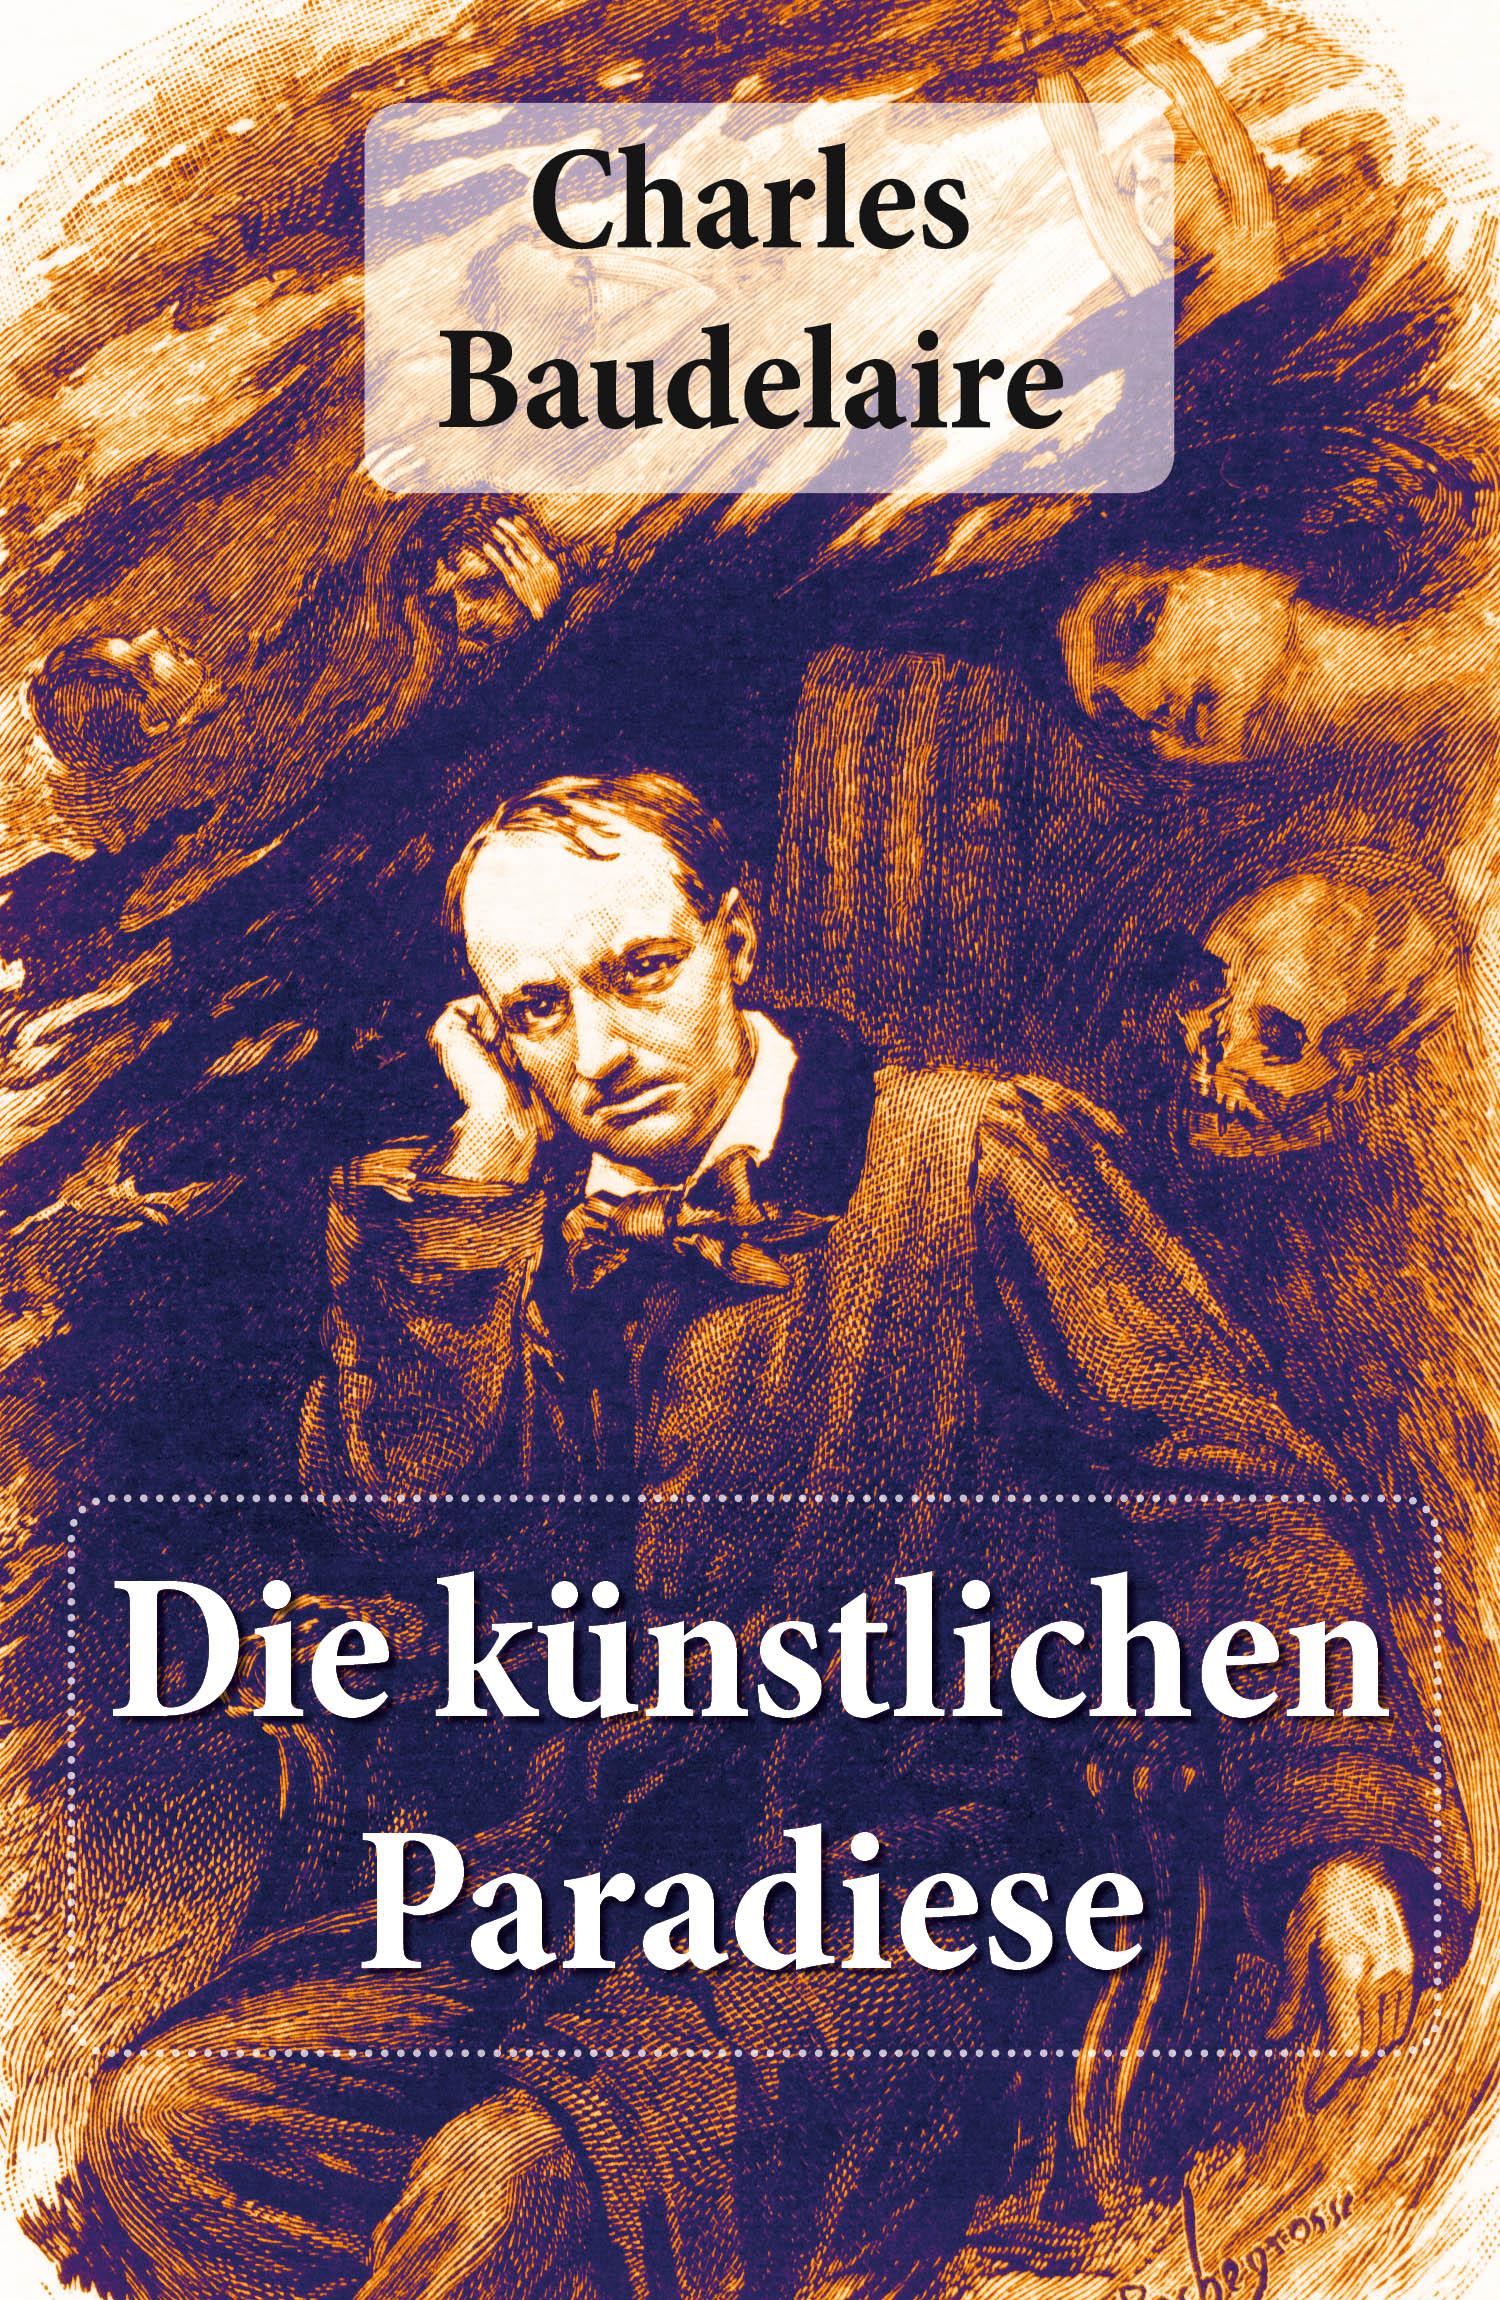 Baudelaire Charles Charles Baudelaire: Die künstlichen Paradiese baudelaire charles the poems and prose poems of charles baudelaire